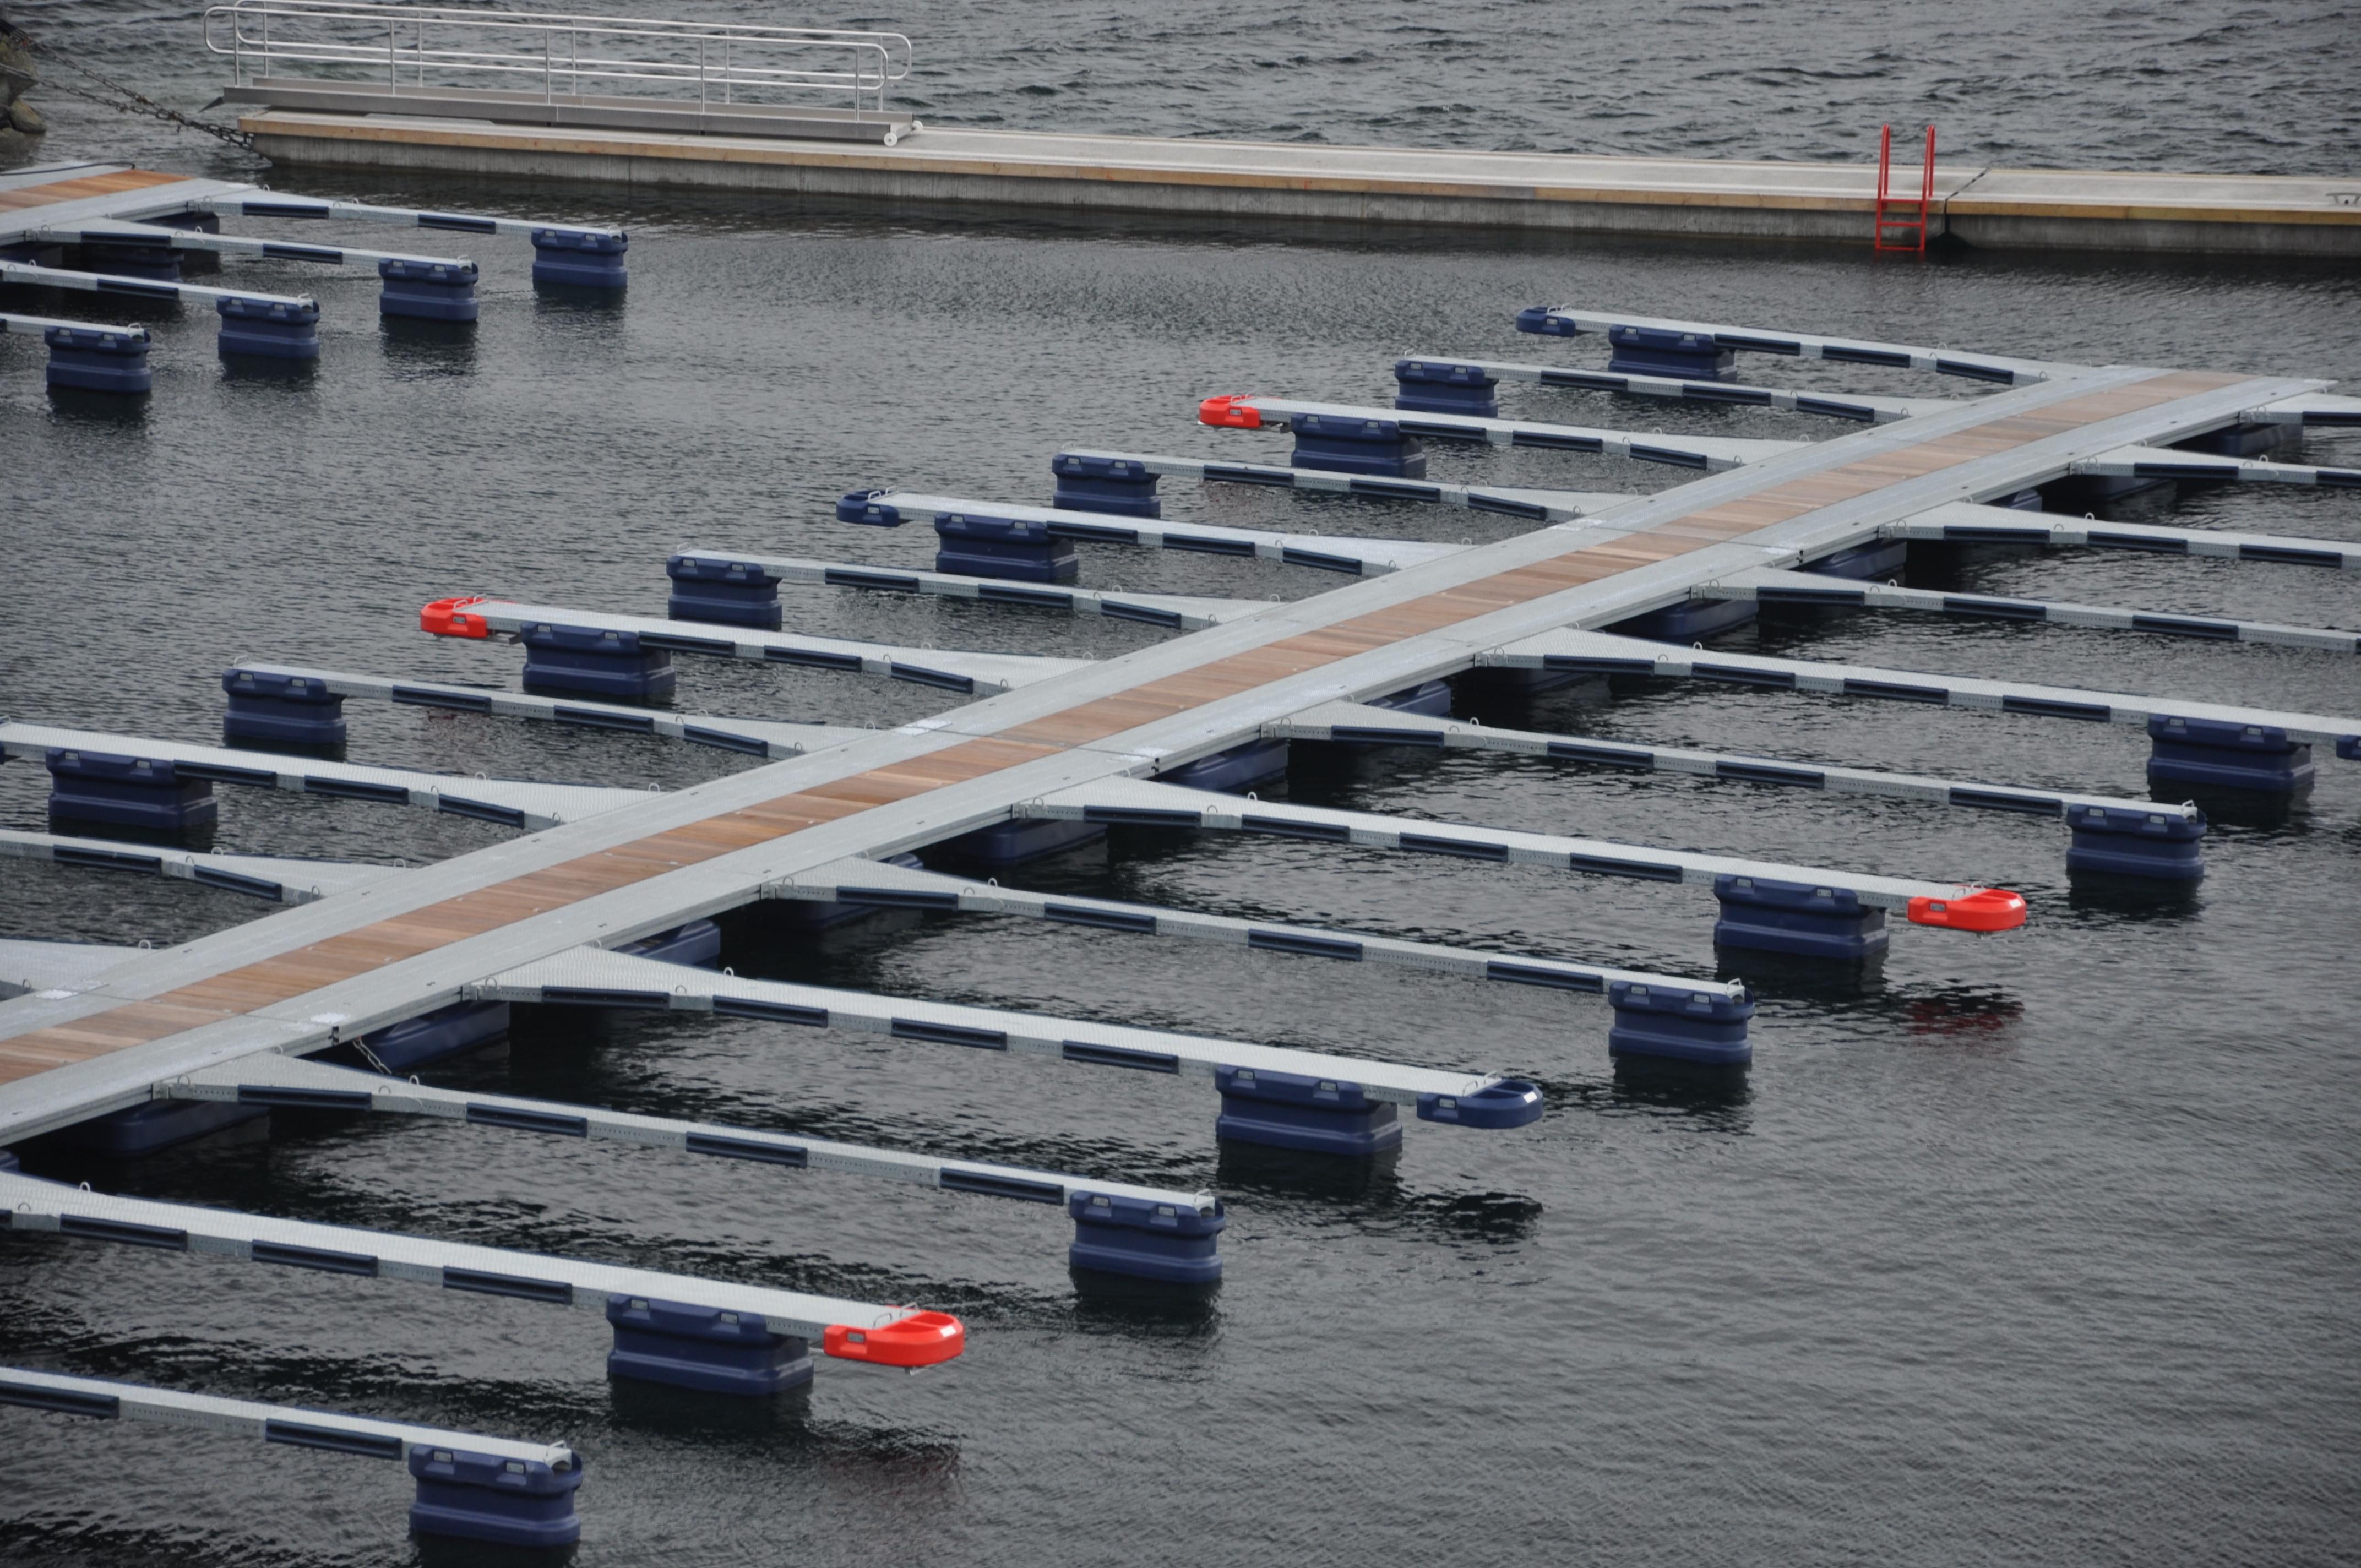 https://marinasolutions.no/uploads/Suløen-Båtforening_Stålbrygge.JPG